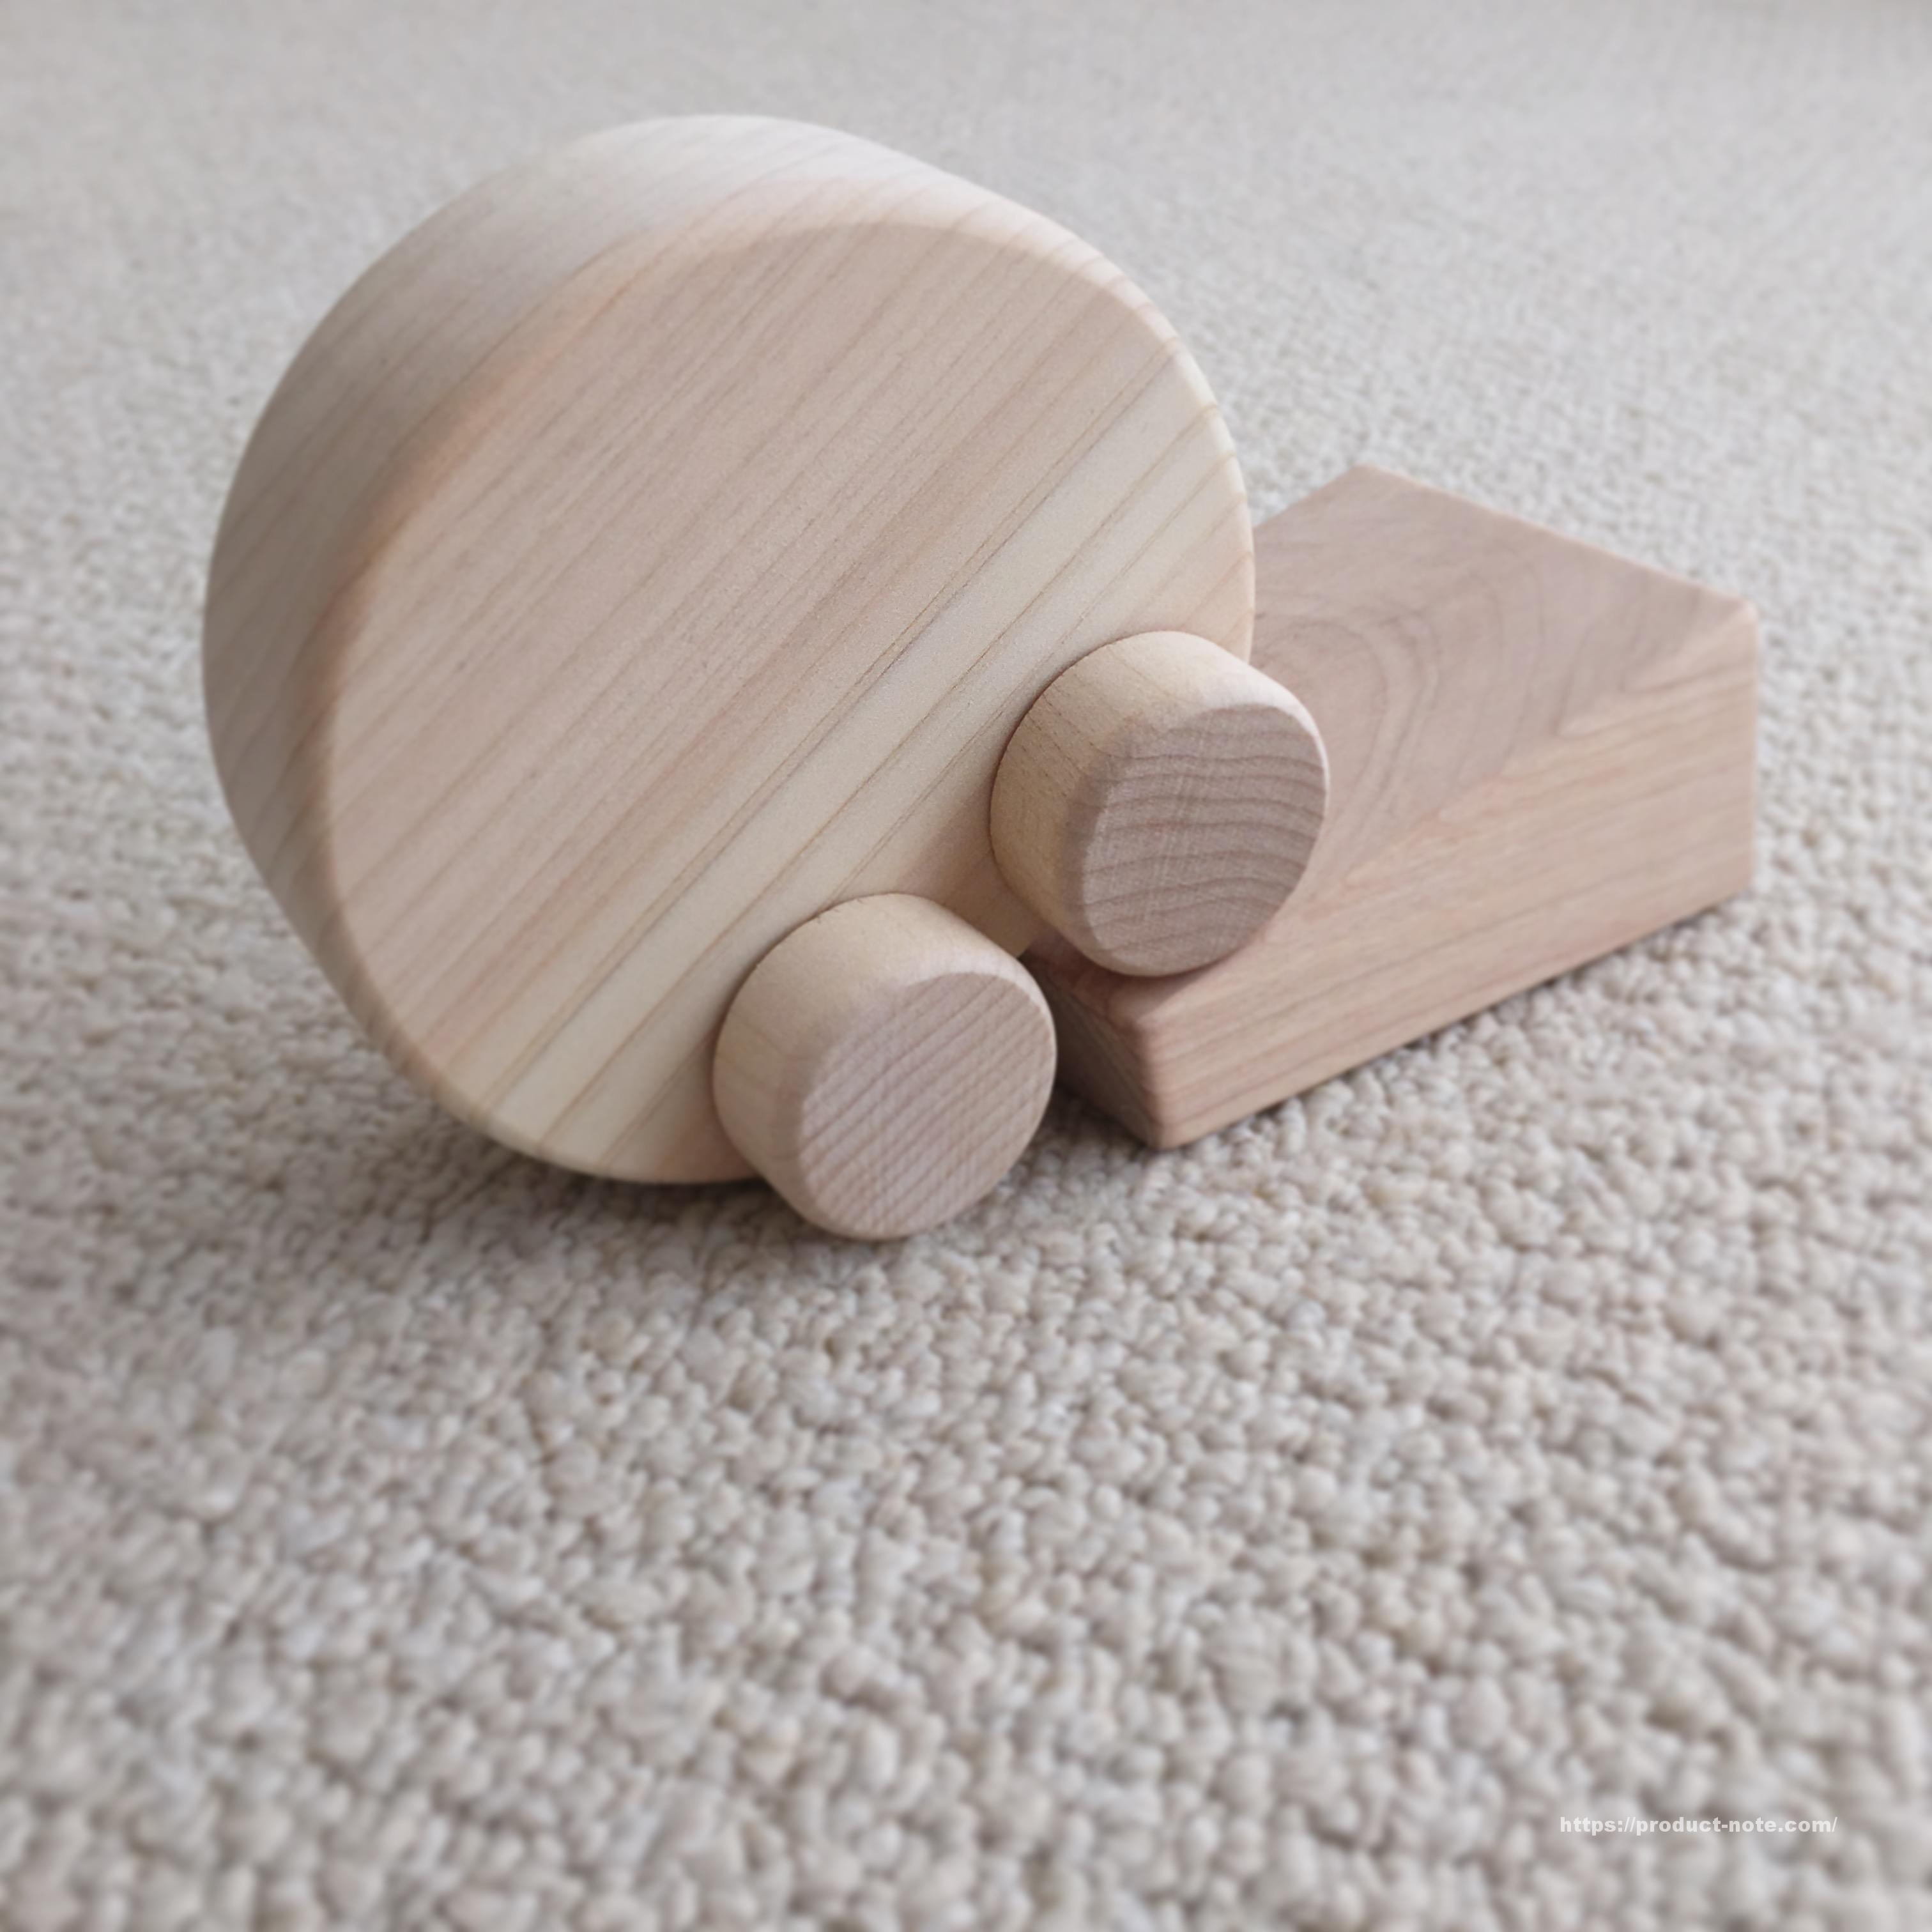 日本の木のおもちゃ くるりんカー MUJIカード 特典